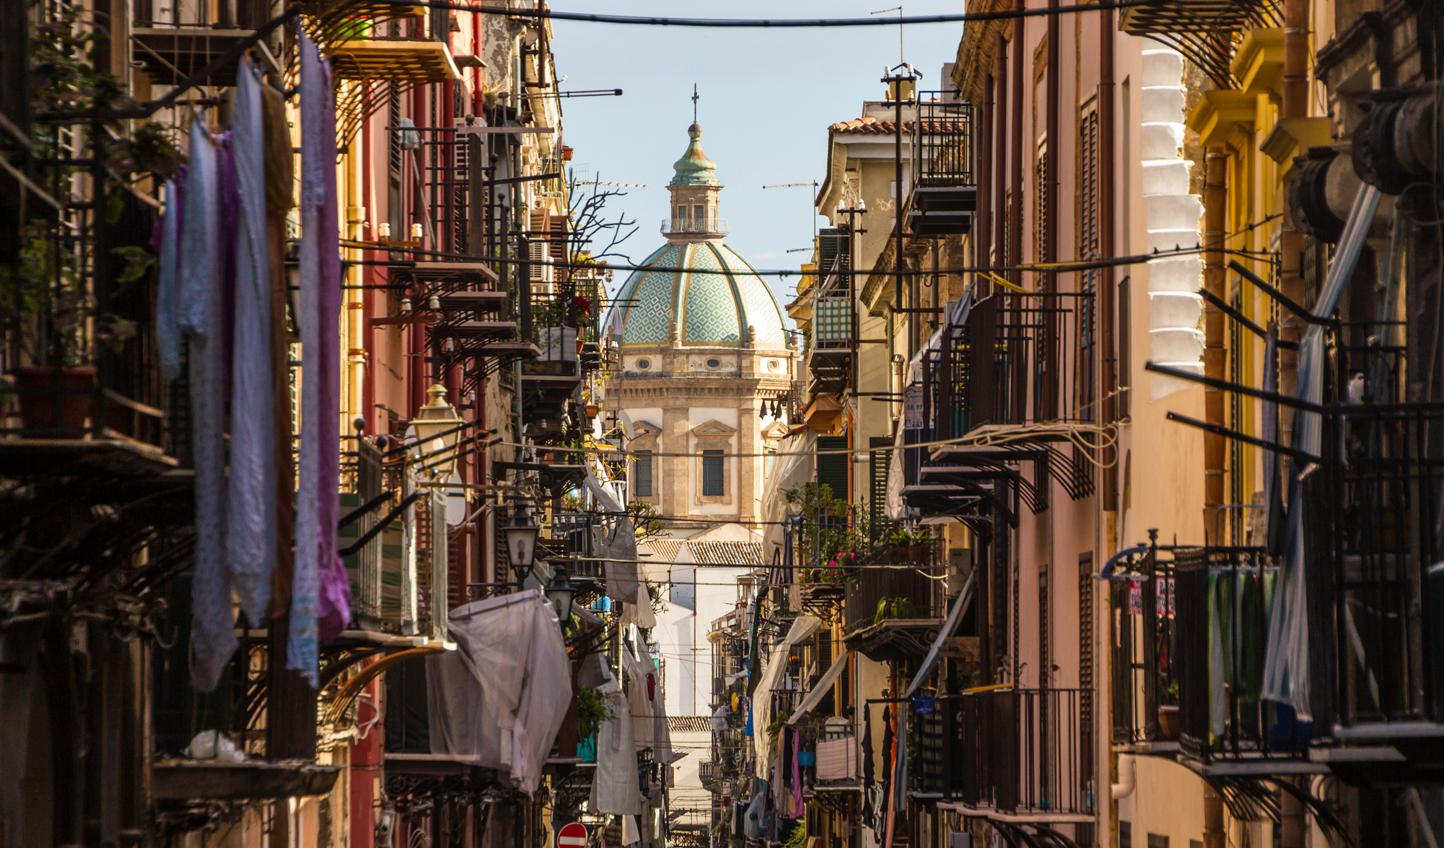 Palermo-Street-View-to-Chur